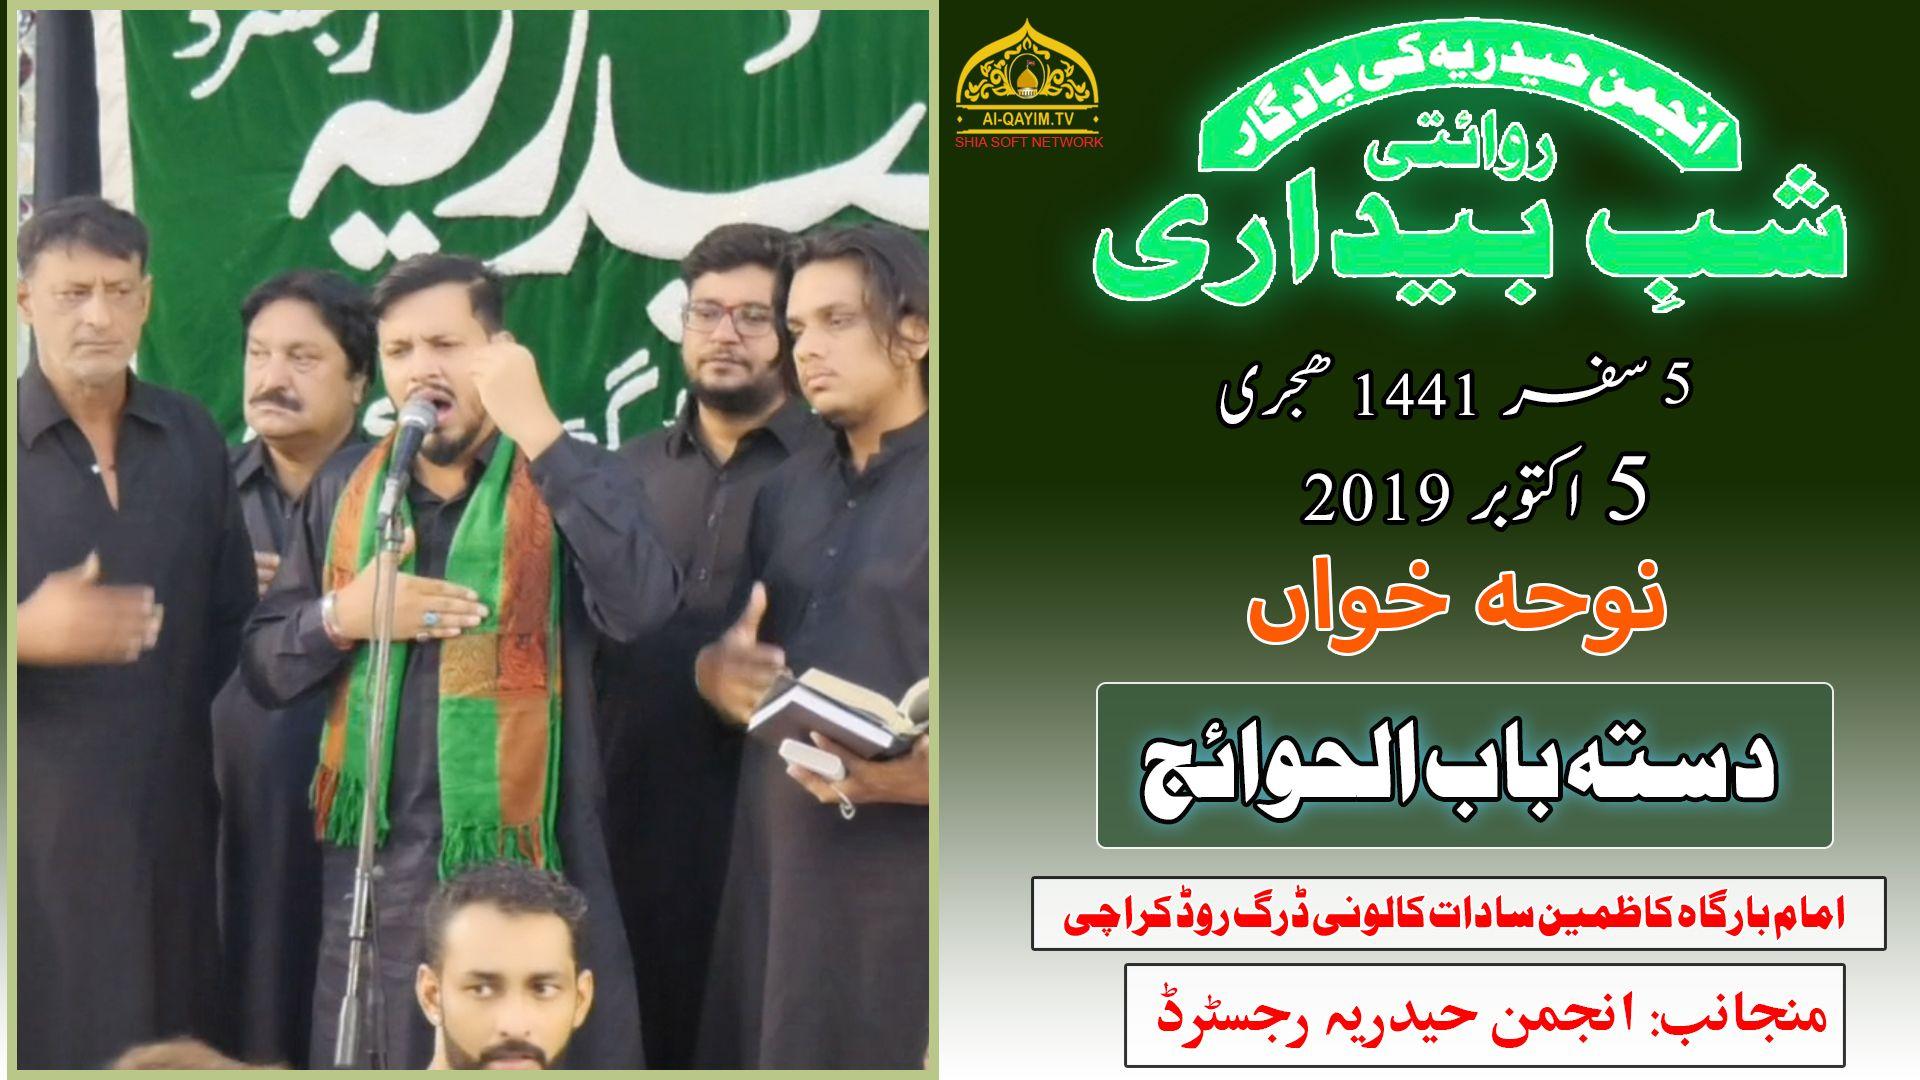 Noha   Daste Babul Hawaij   Yadgar Shabedari - 5th Safar 1441/2019 - Imam Bargah Kazmain - Karachi